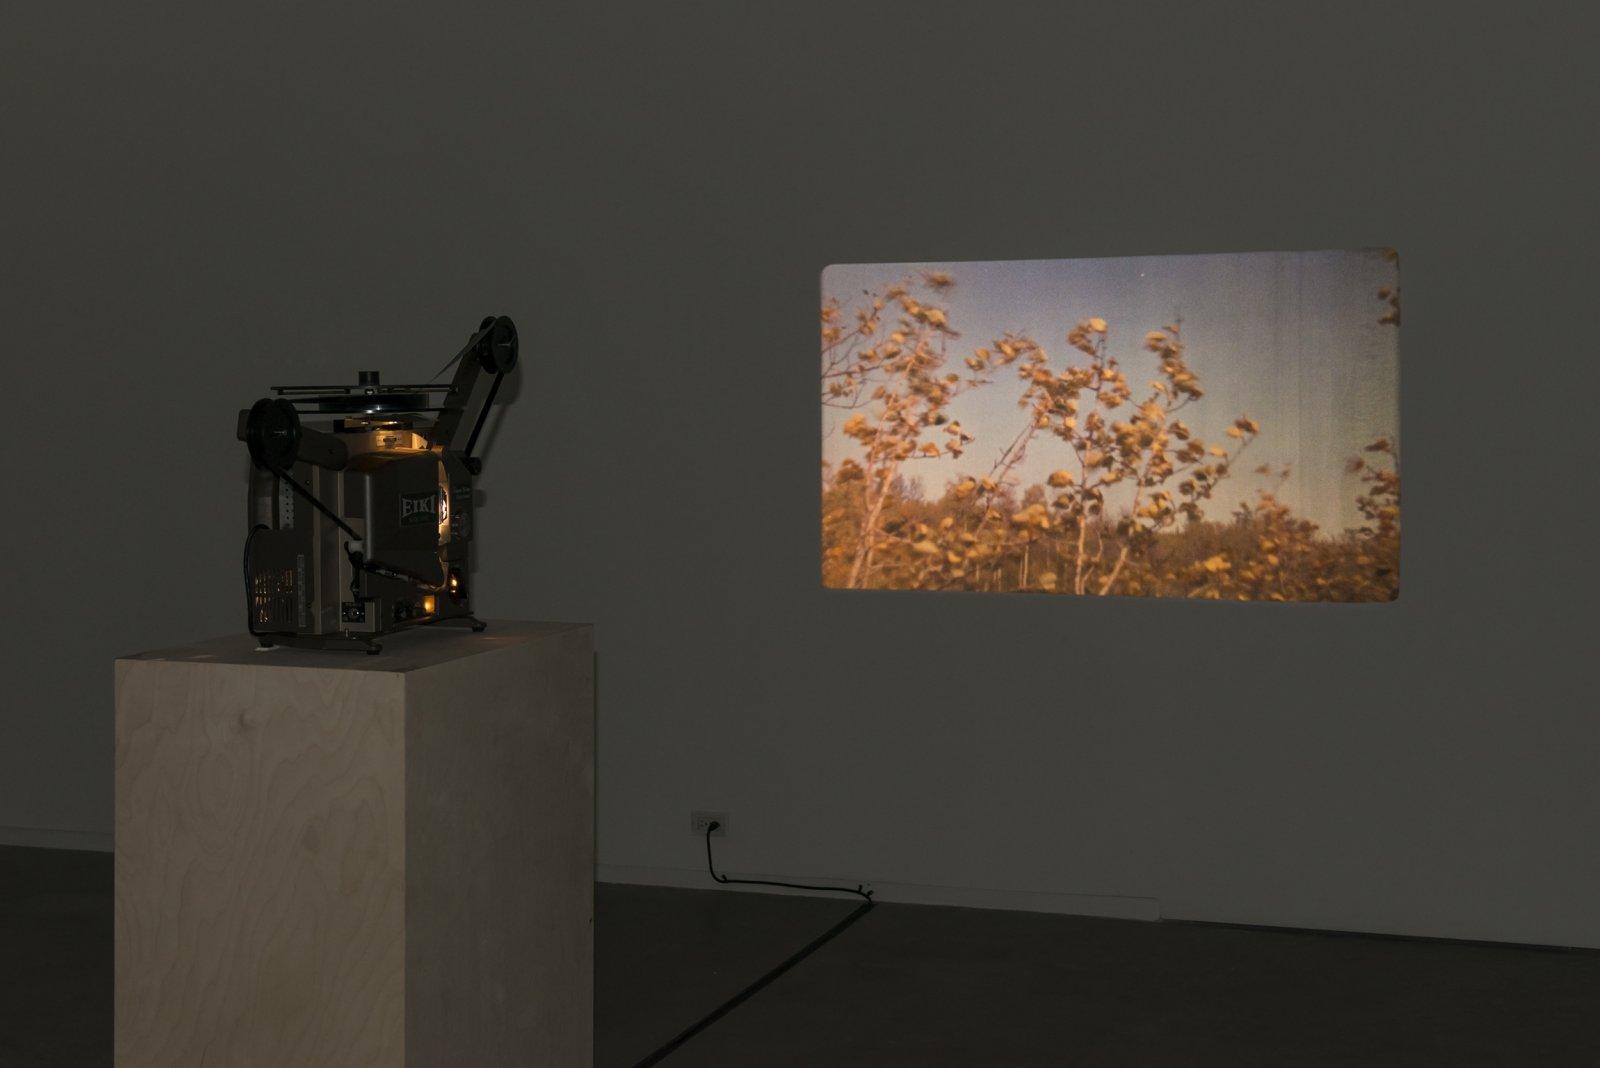 Brian Jungen and Duane Linklater, Stalker, 2013, super 16mm film loop on projector, 2 minutes, 54 seconds